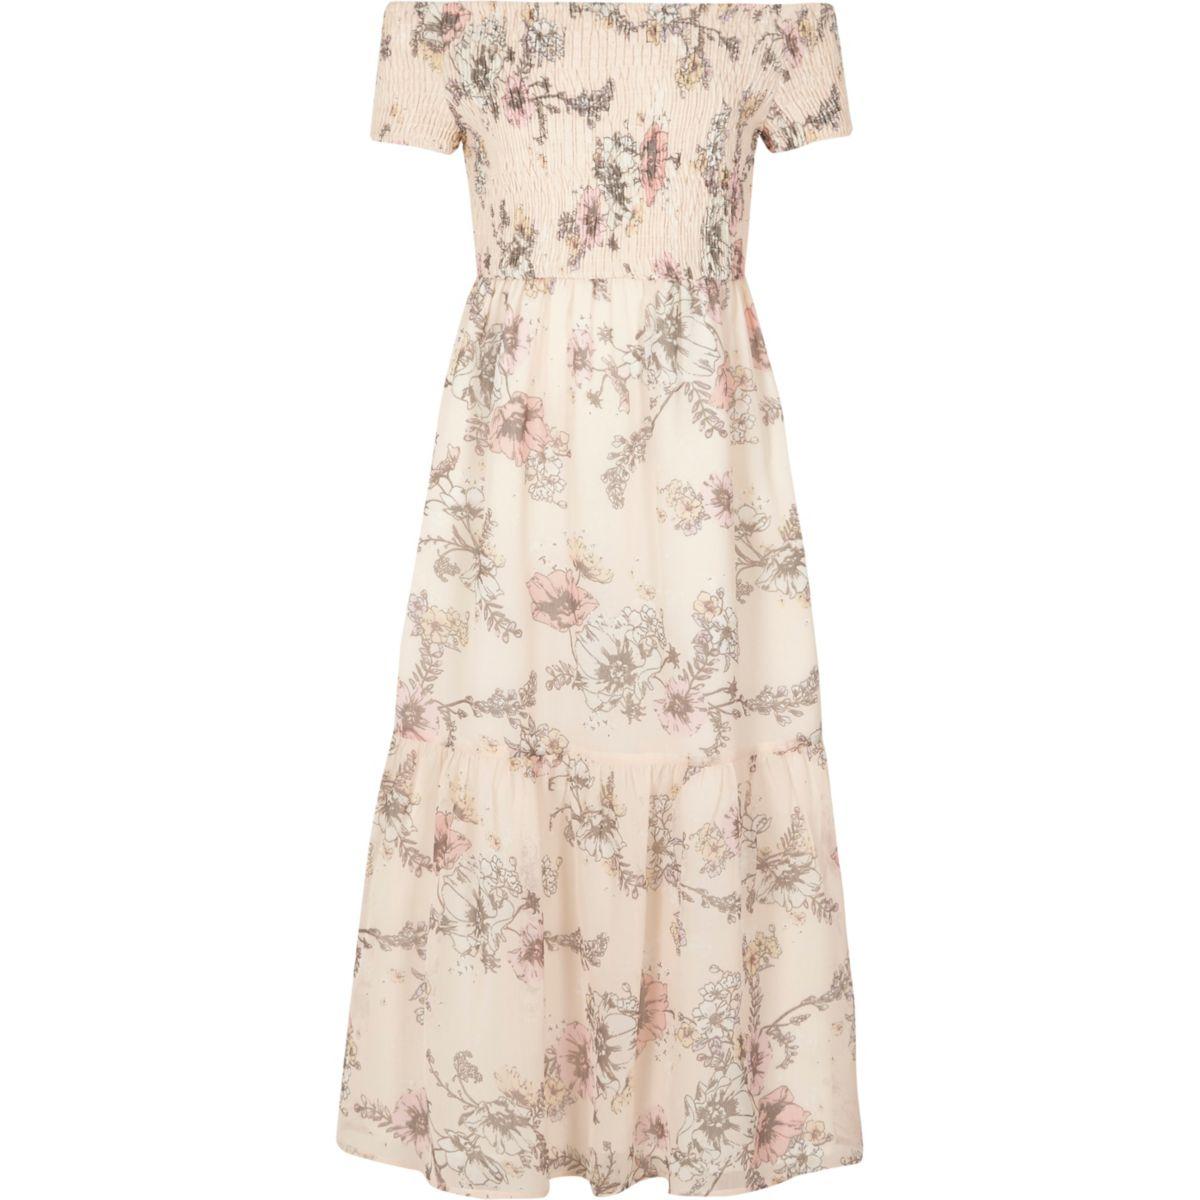 Pinkes Bardot-Maxikleid mit Blumenmuster